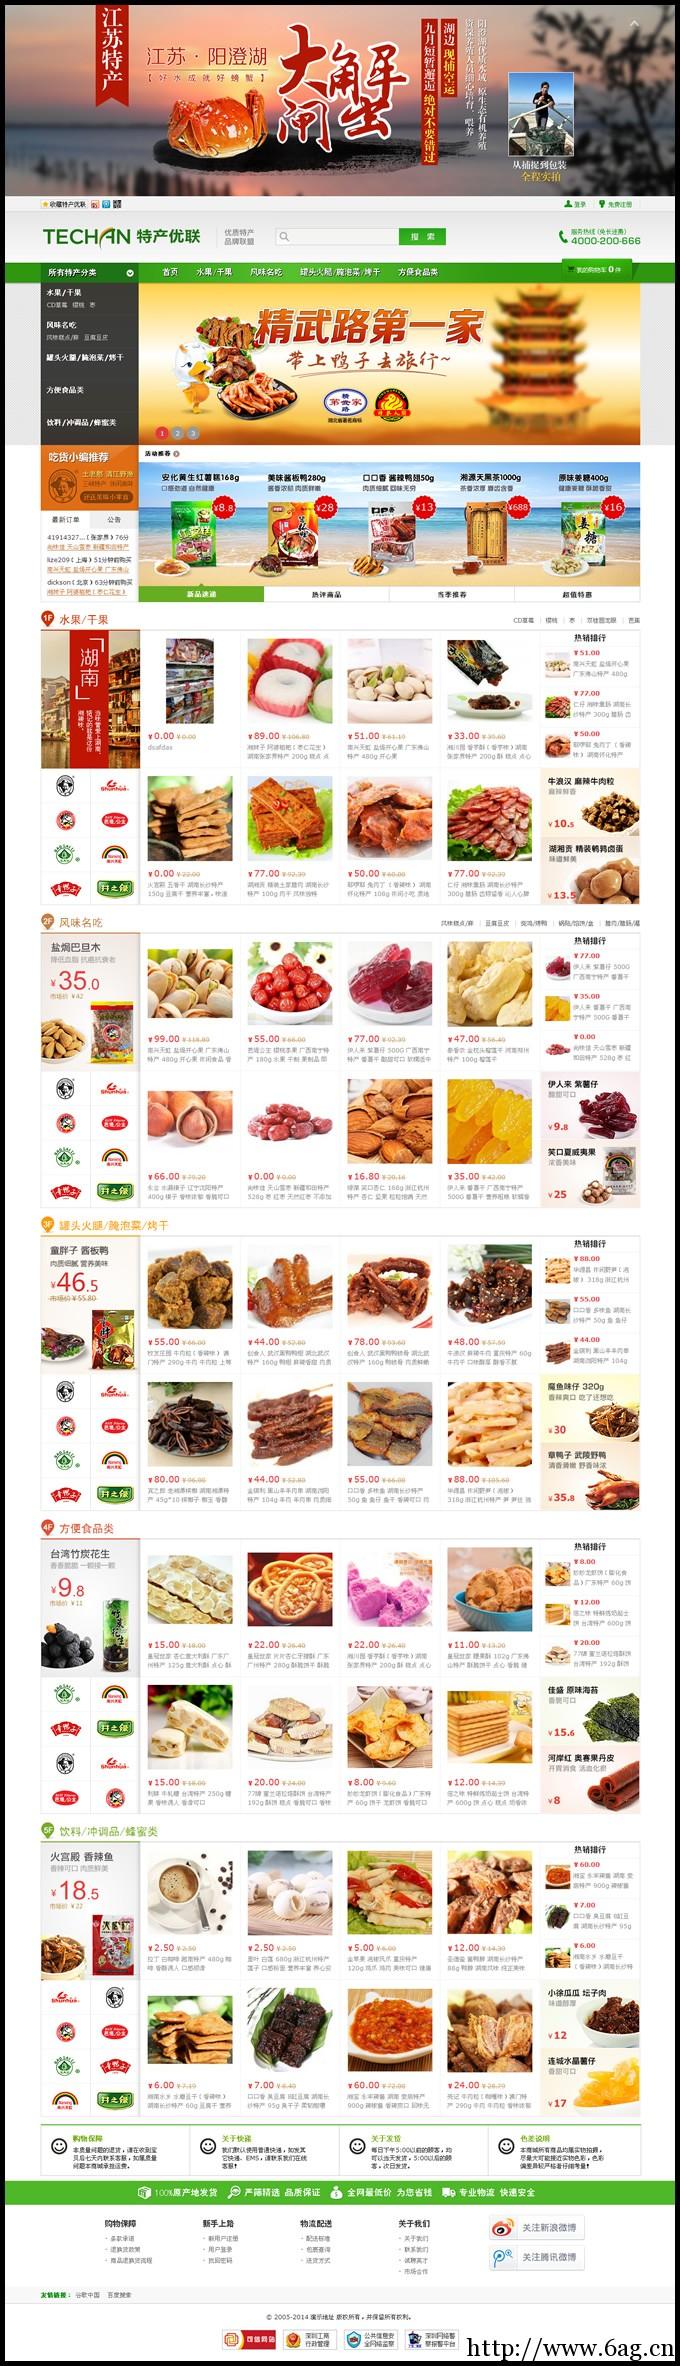 电子商务整站:某B2C蔬菜水果农产品绿色食品商场,ecshop内核